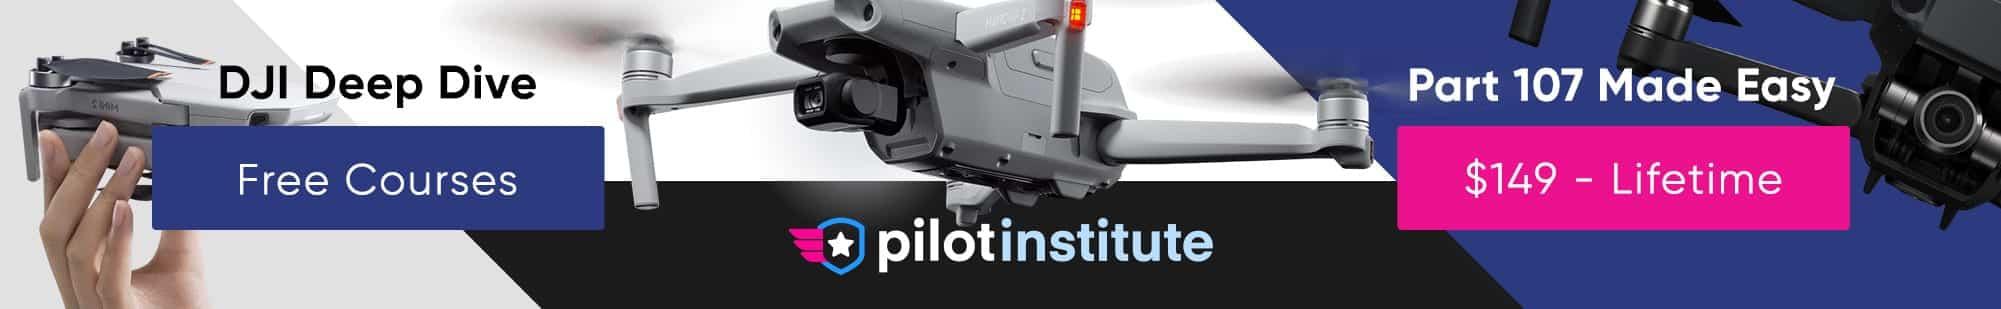 pilot institute dronexl